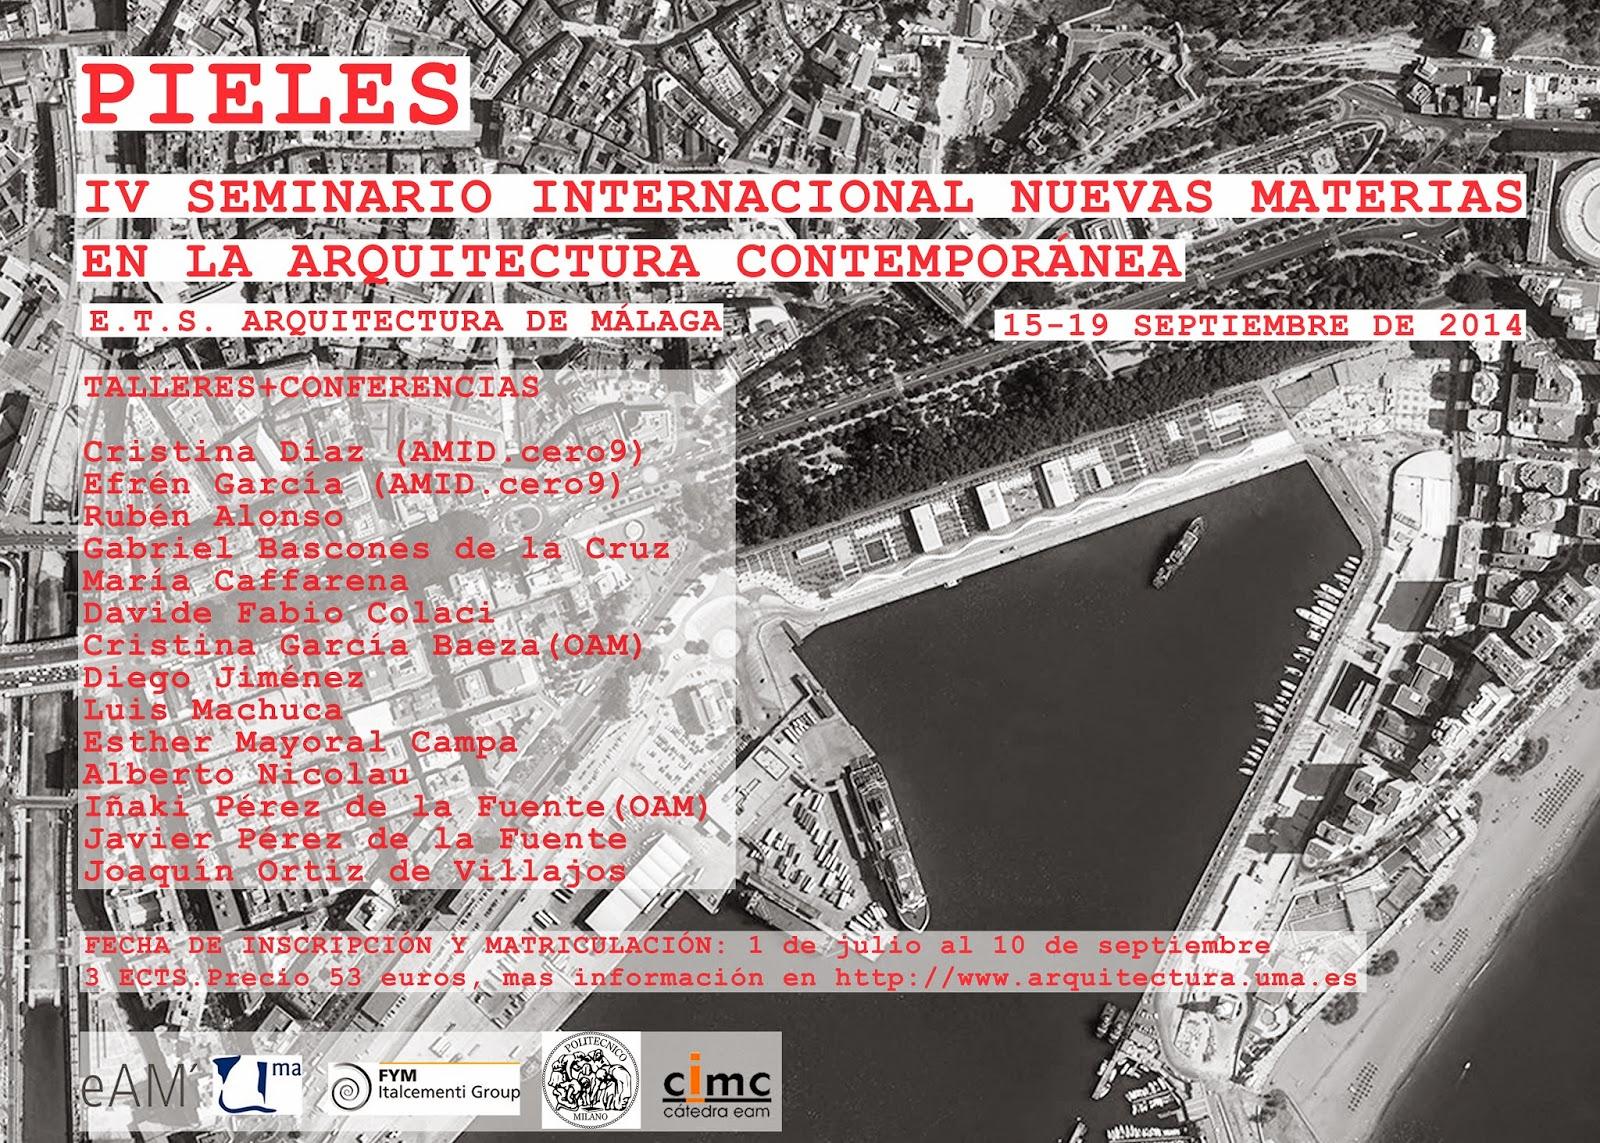 Blog oam oficina de arquitectura m laga iv seminario for Arquitectura materias